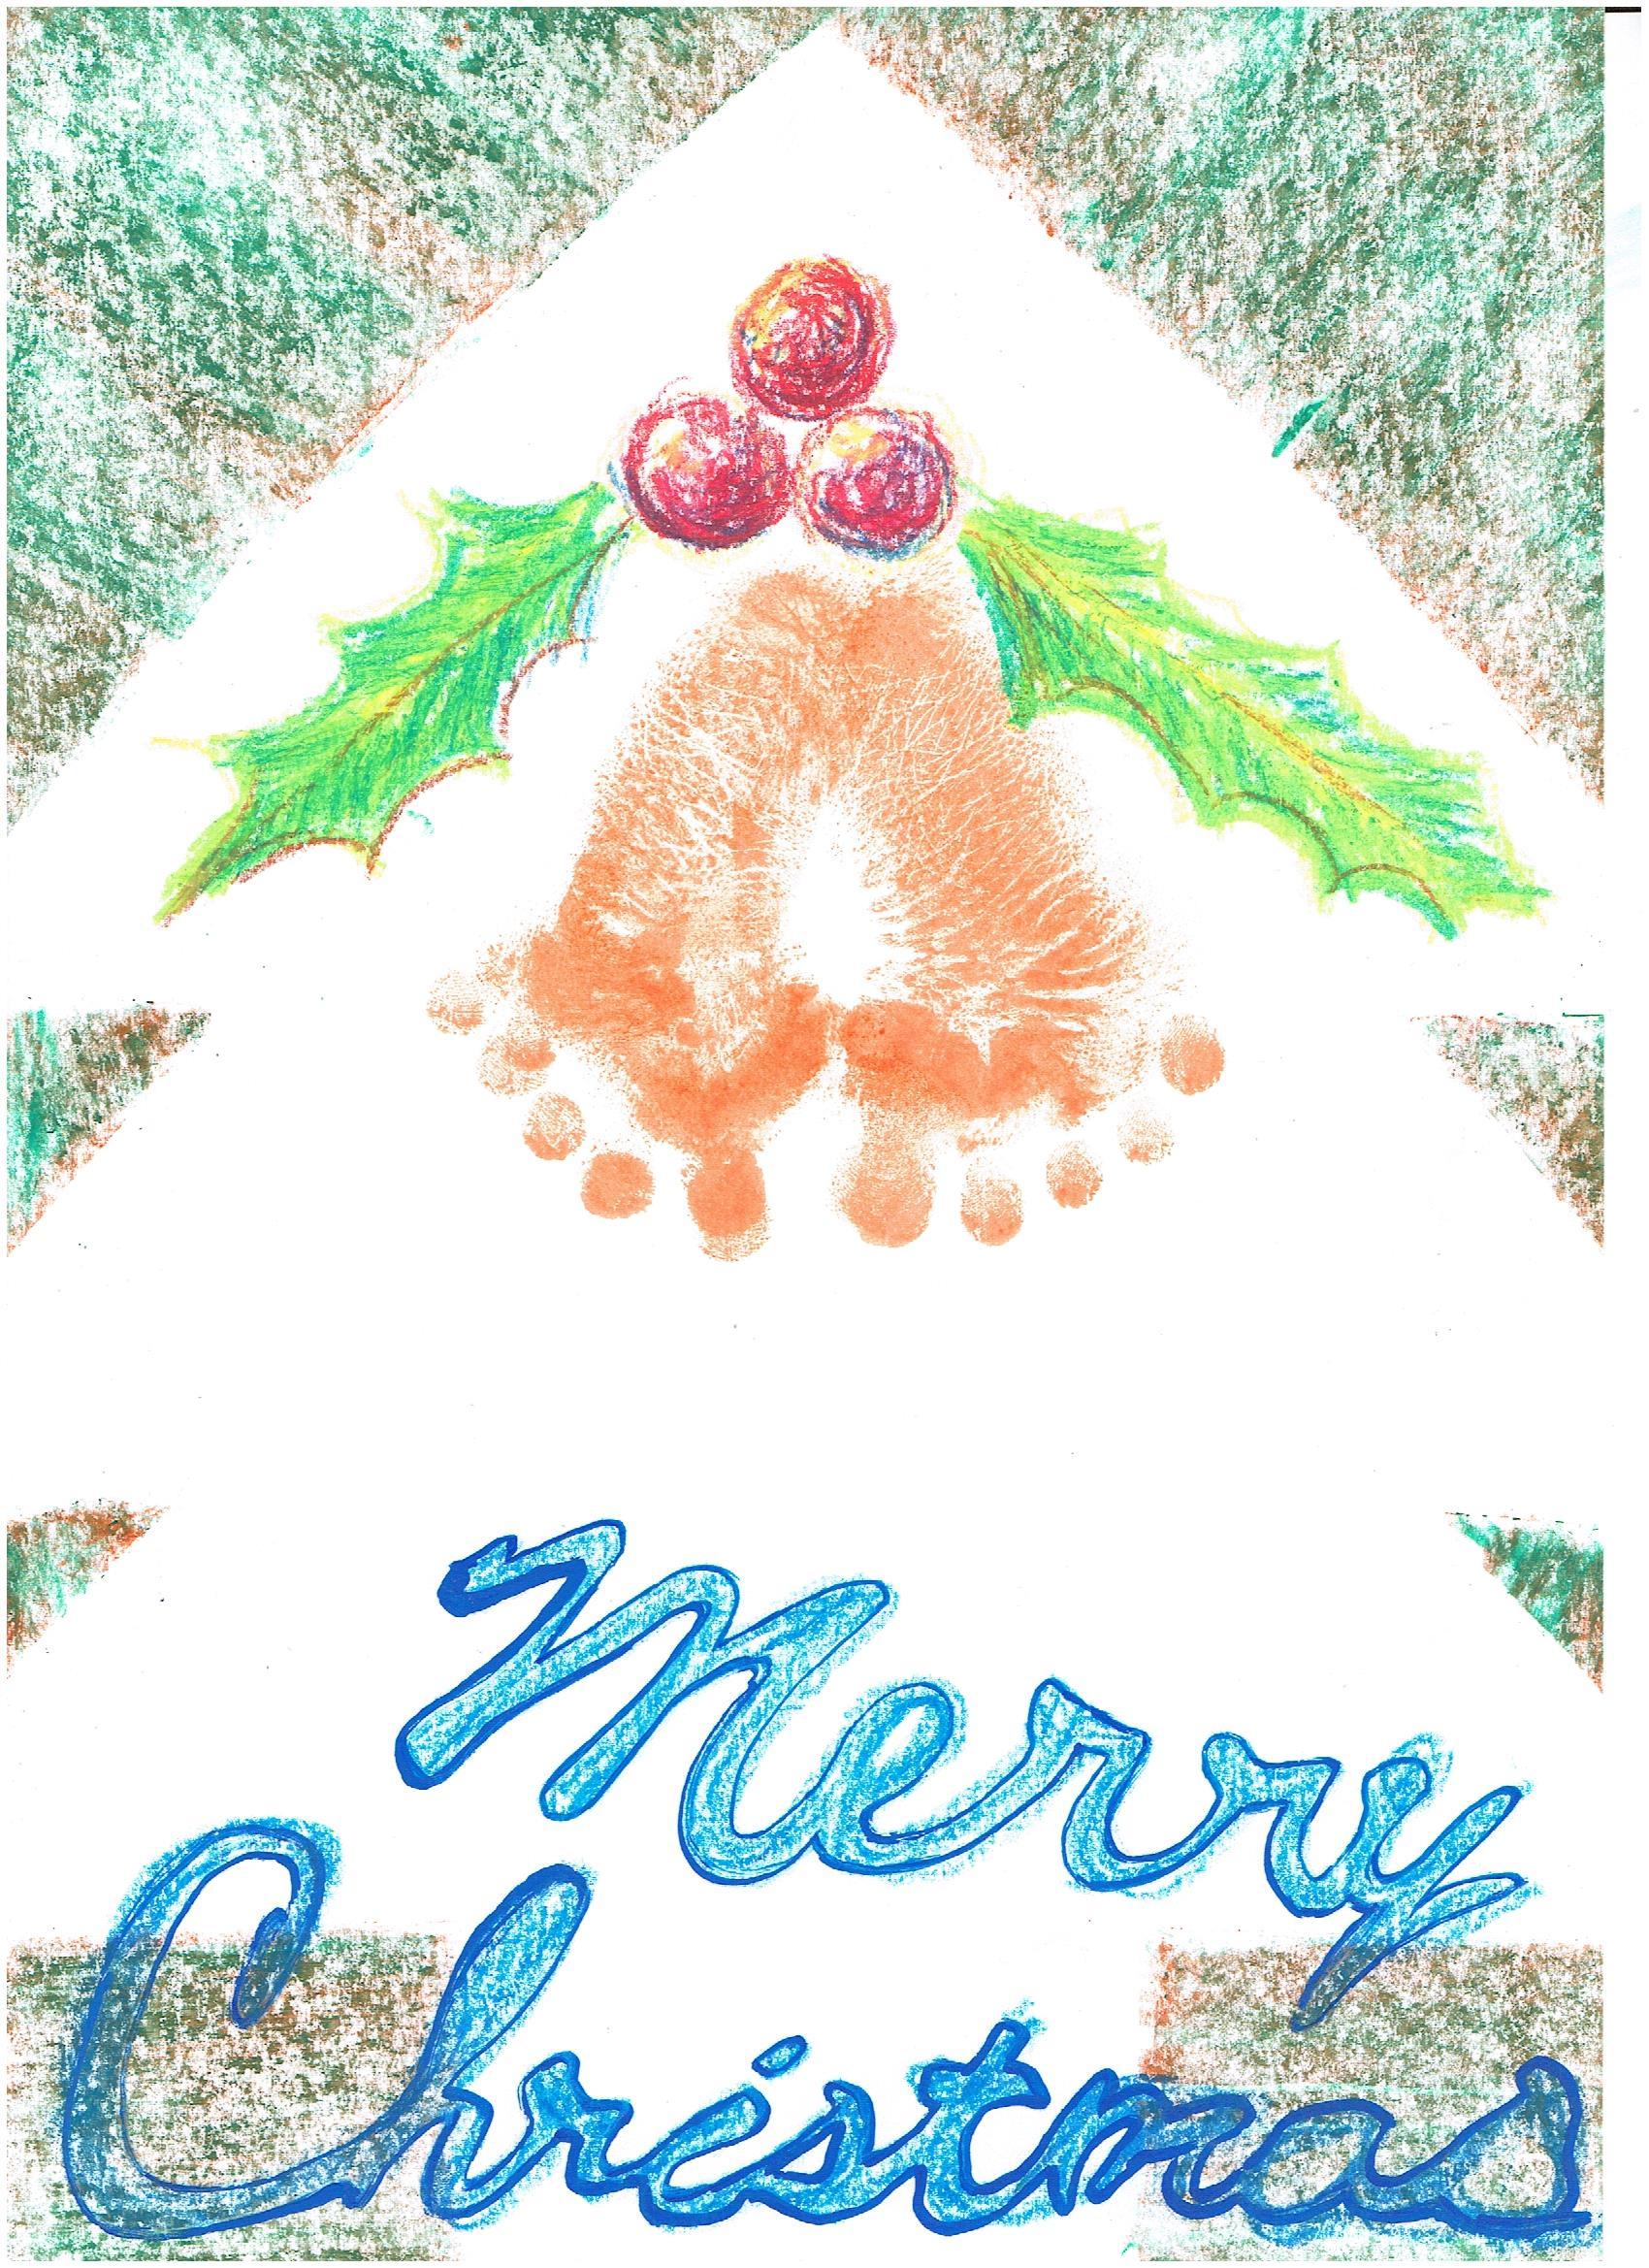 手形・足形アート~クリスマス飾りをつくろう~